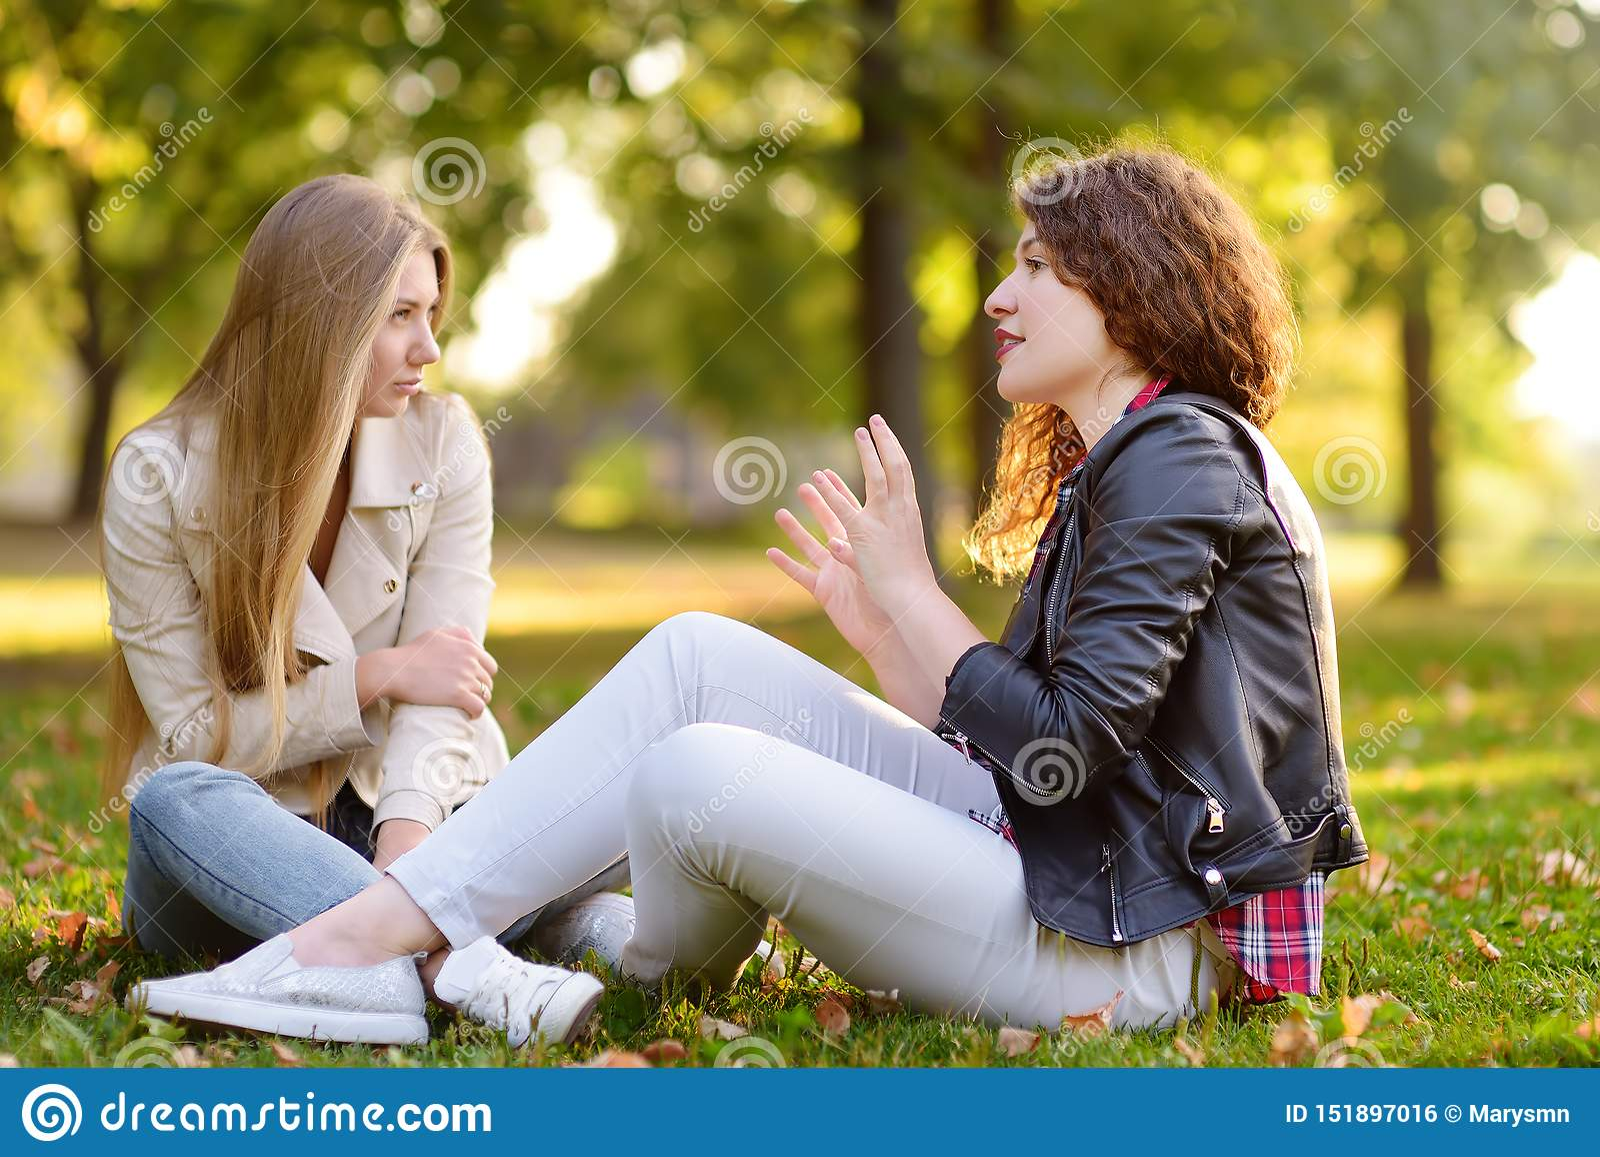 Twee mooie jonge vrouwen die terwijl het zitten op de grond bij zonnig park spreken meisjes